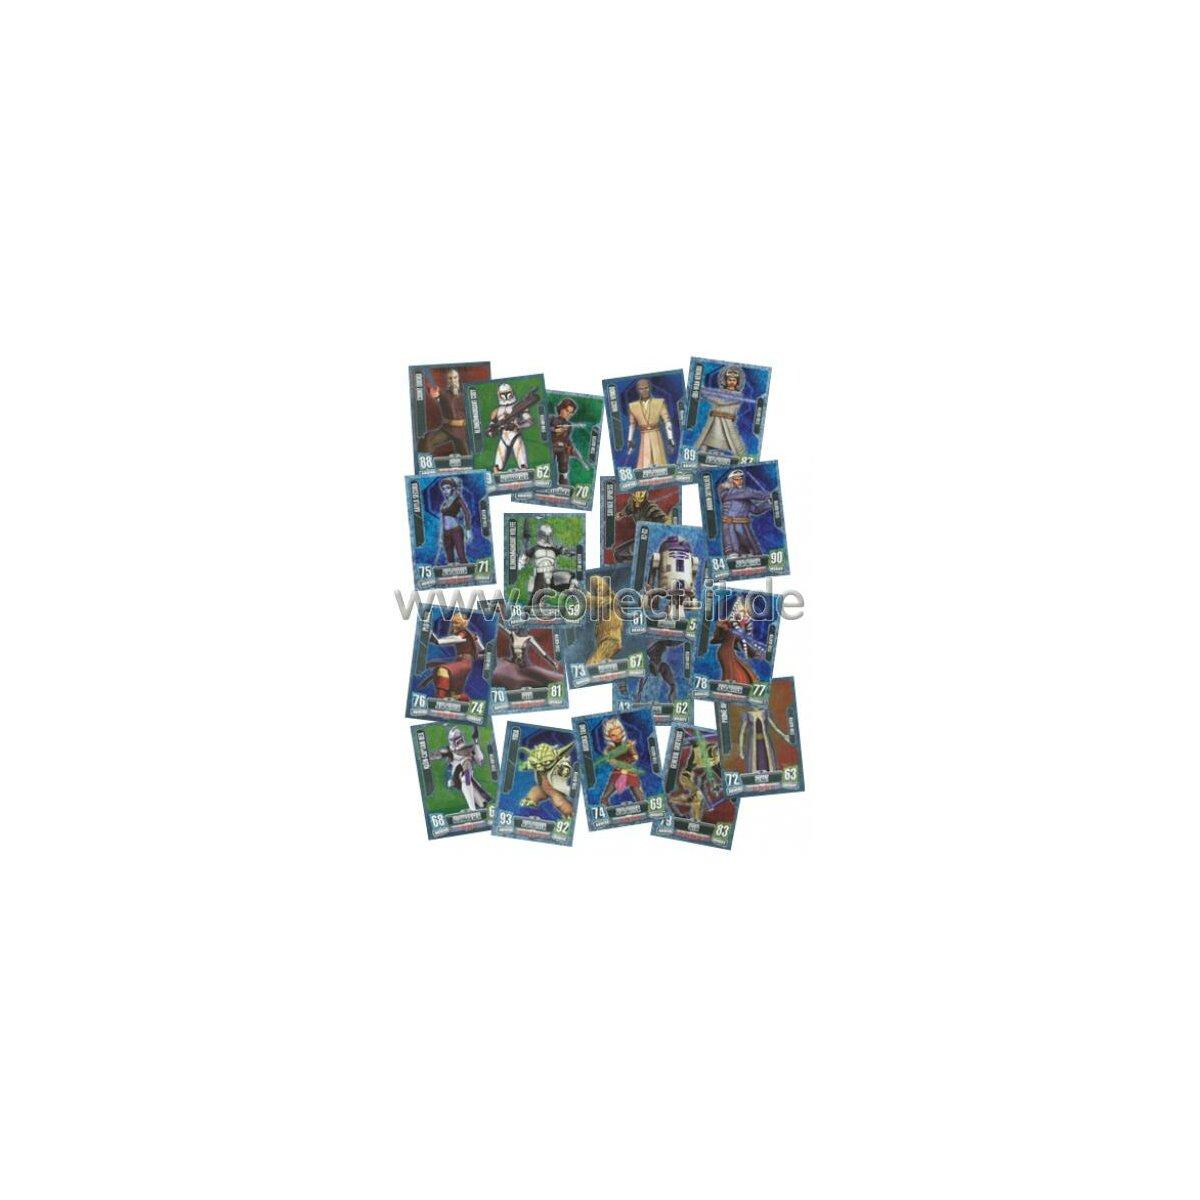 Star Wars Karten Serie 7